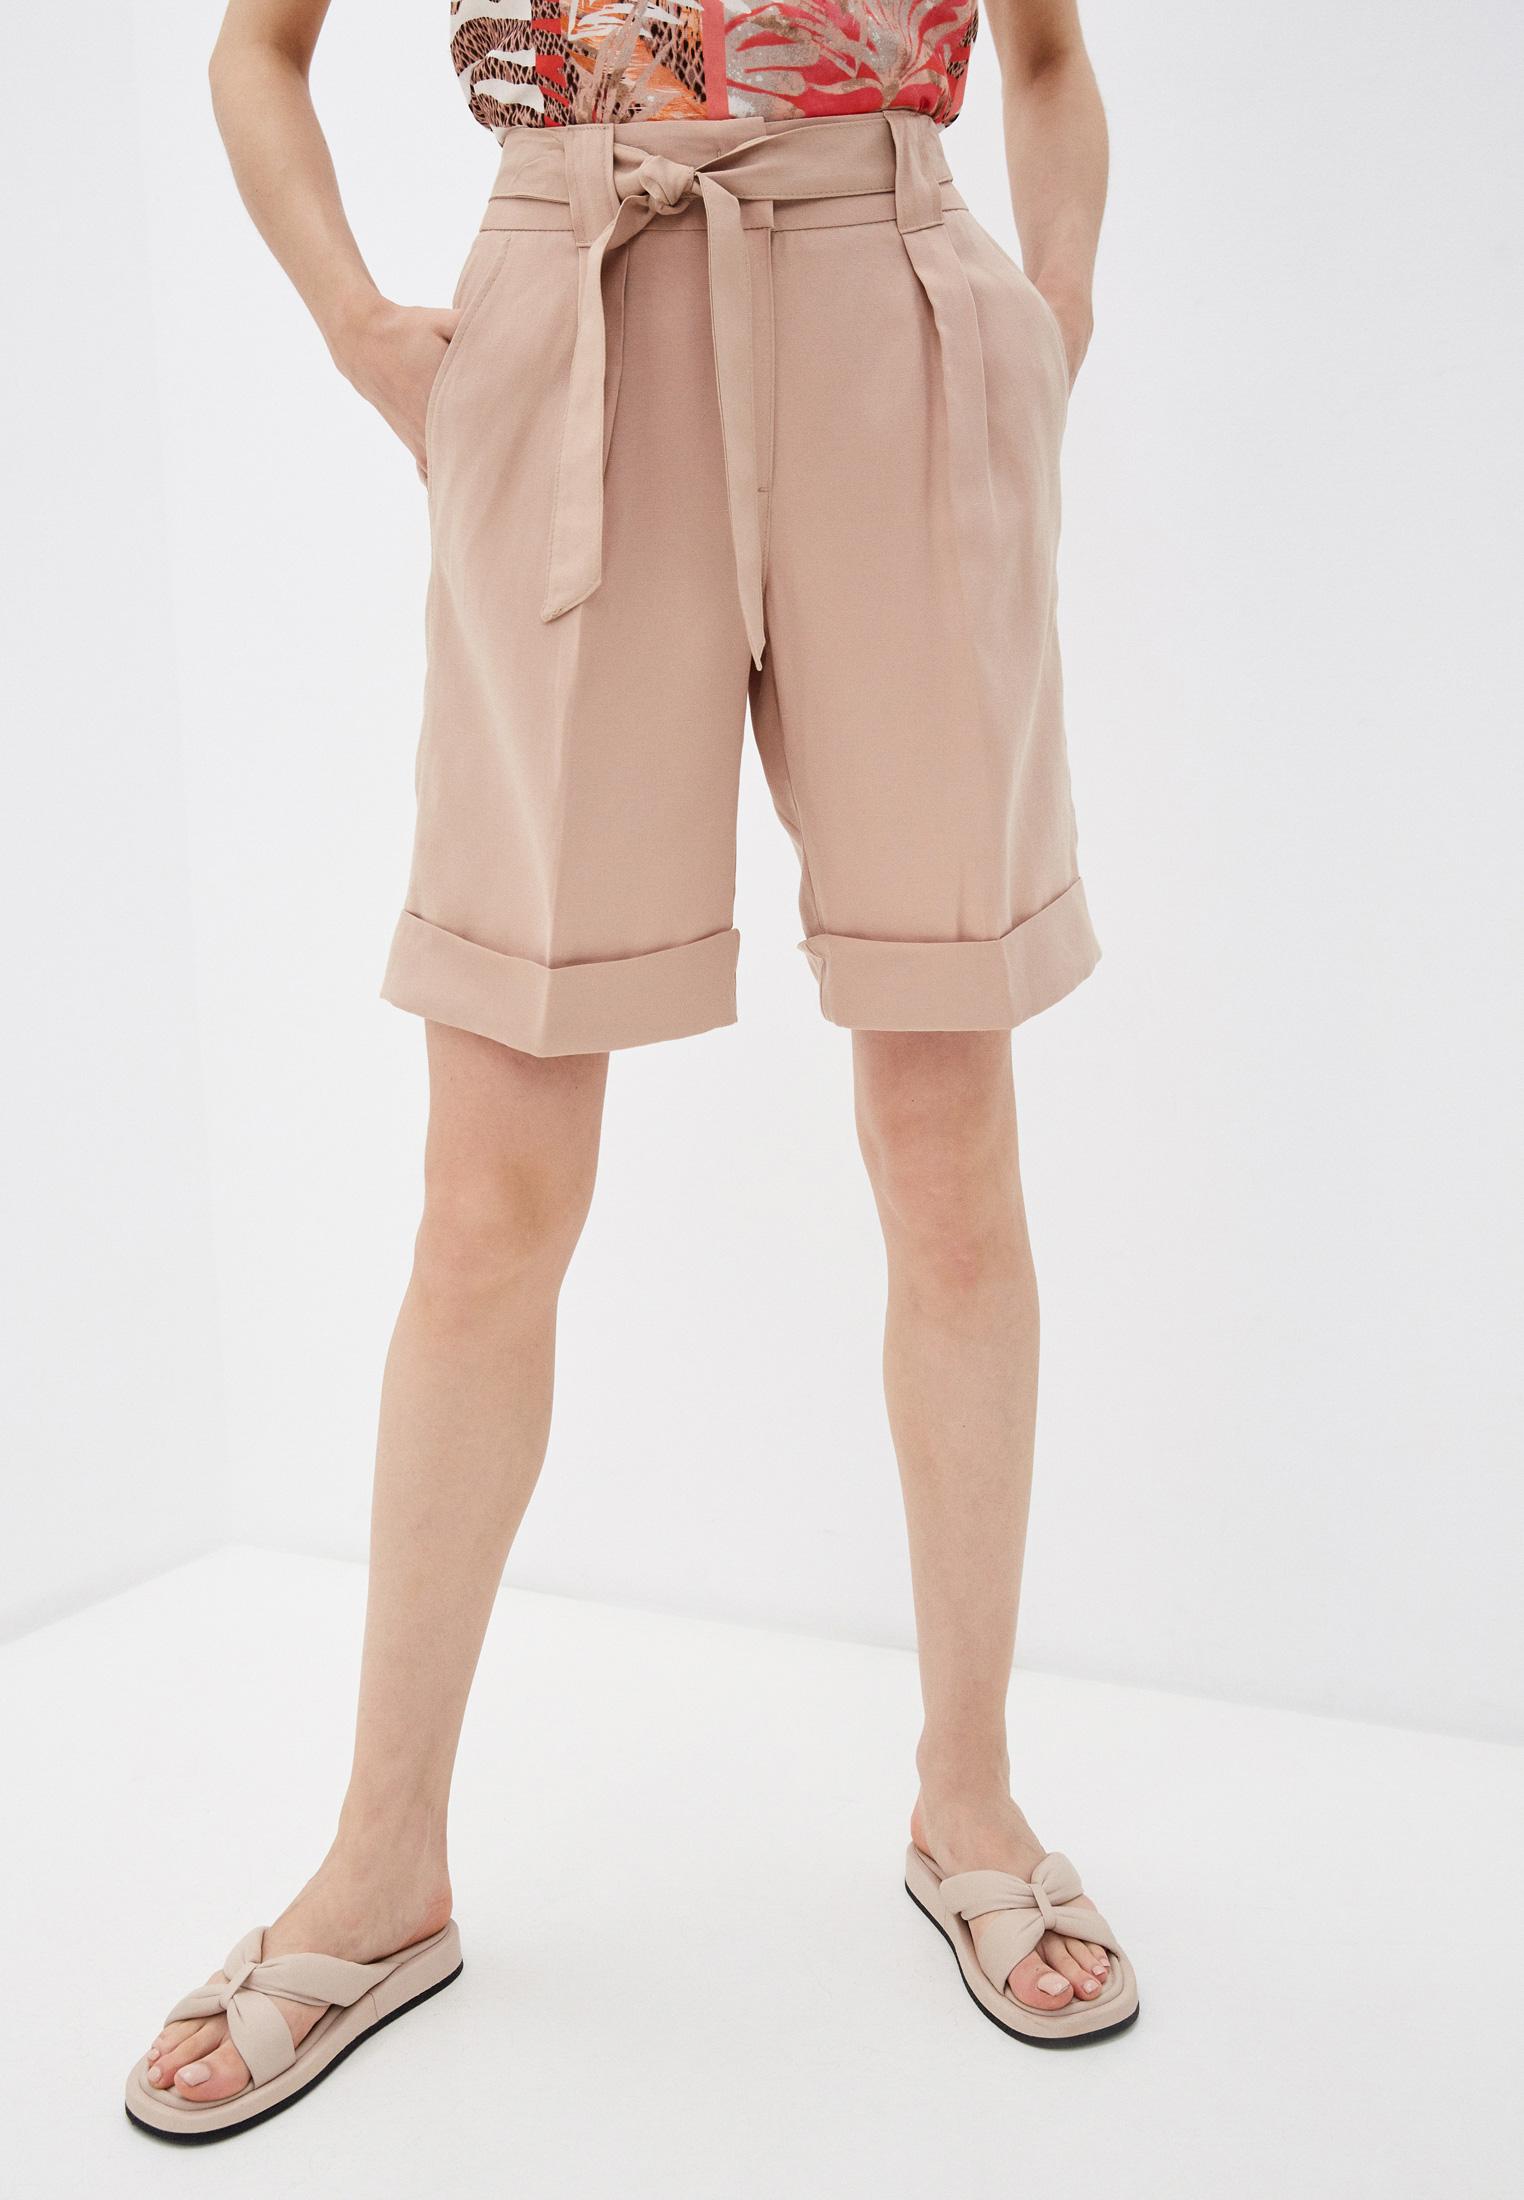 Женские шорты Betty Barclay Шорты Betty Barclay